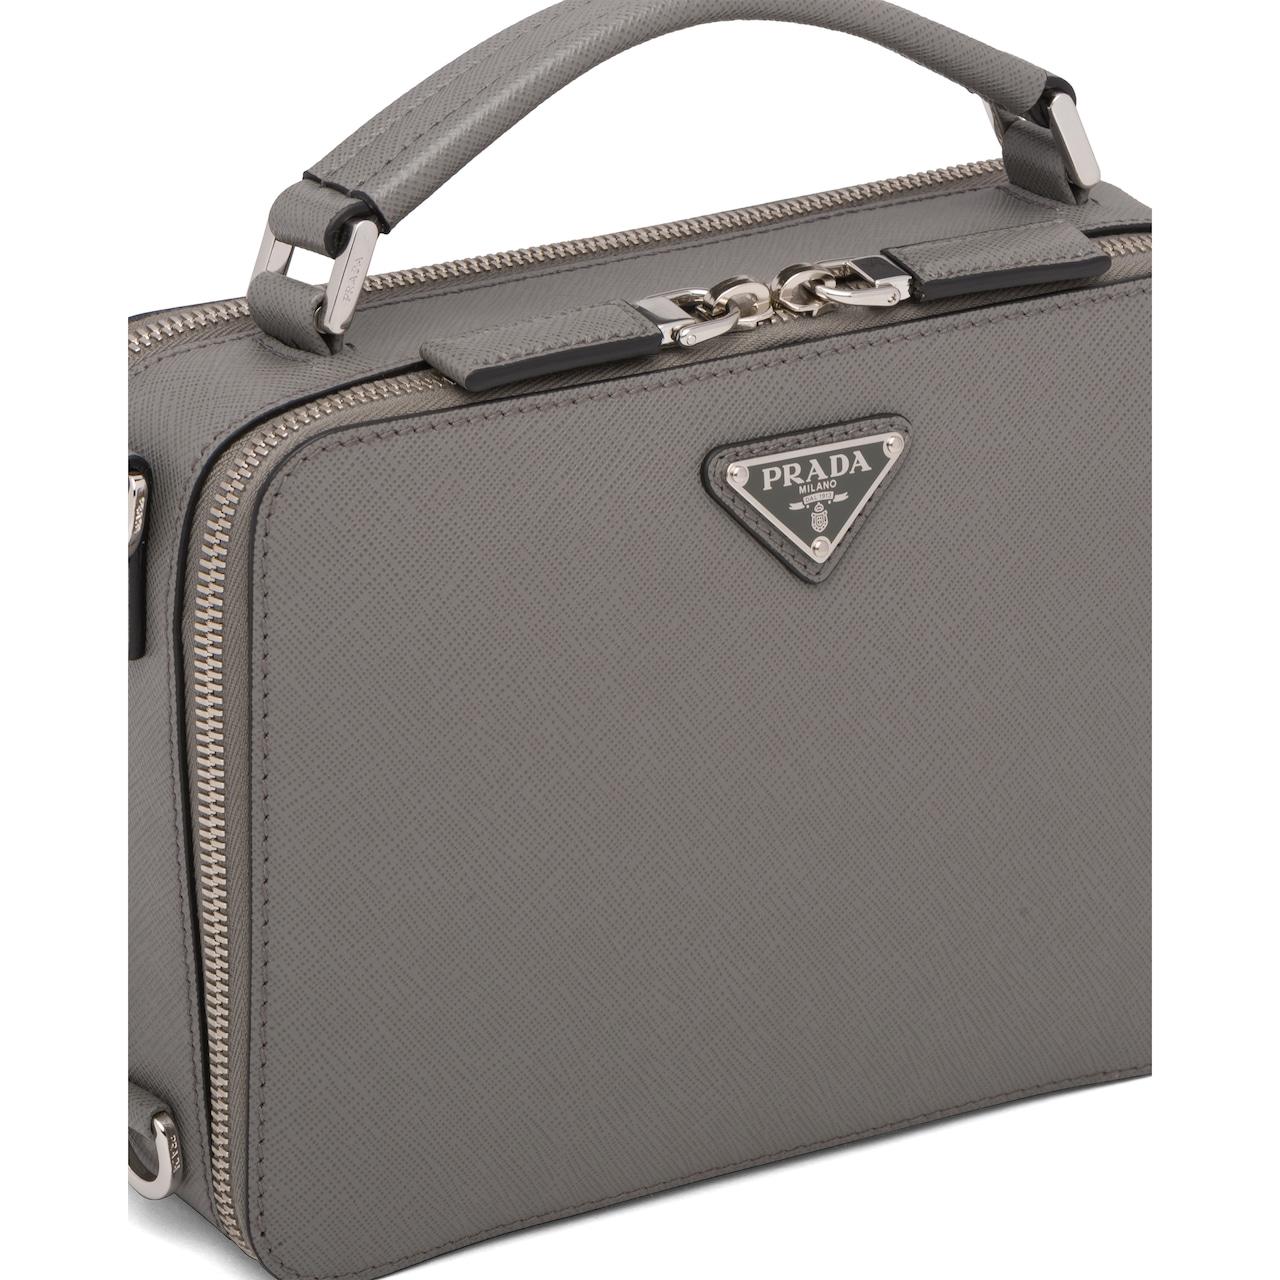 Prada Prada Brique Saffiano leather bag 6